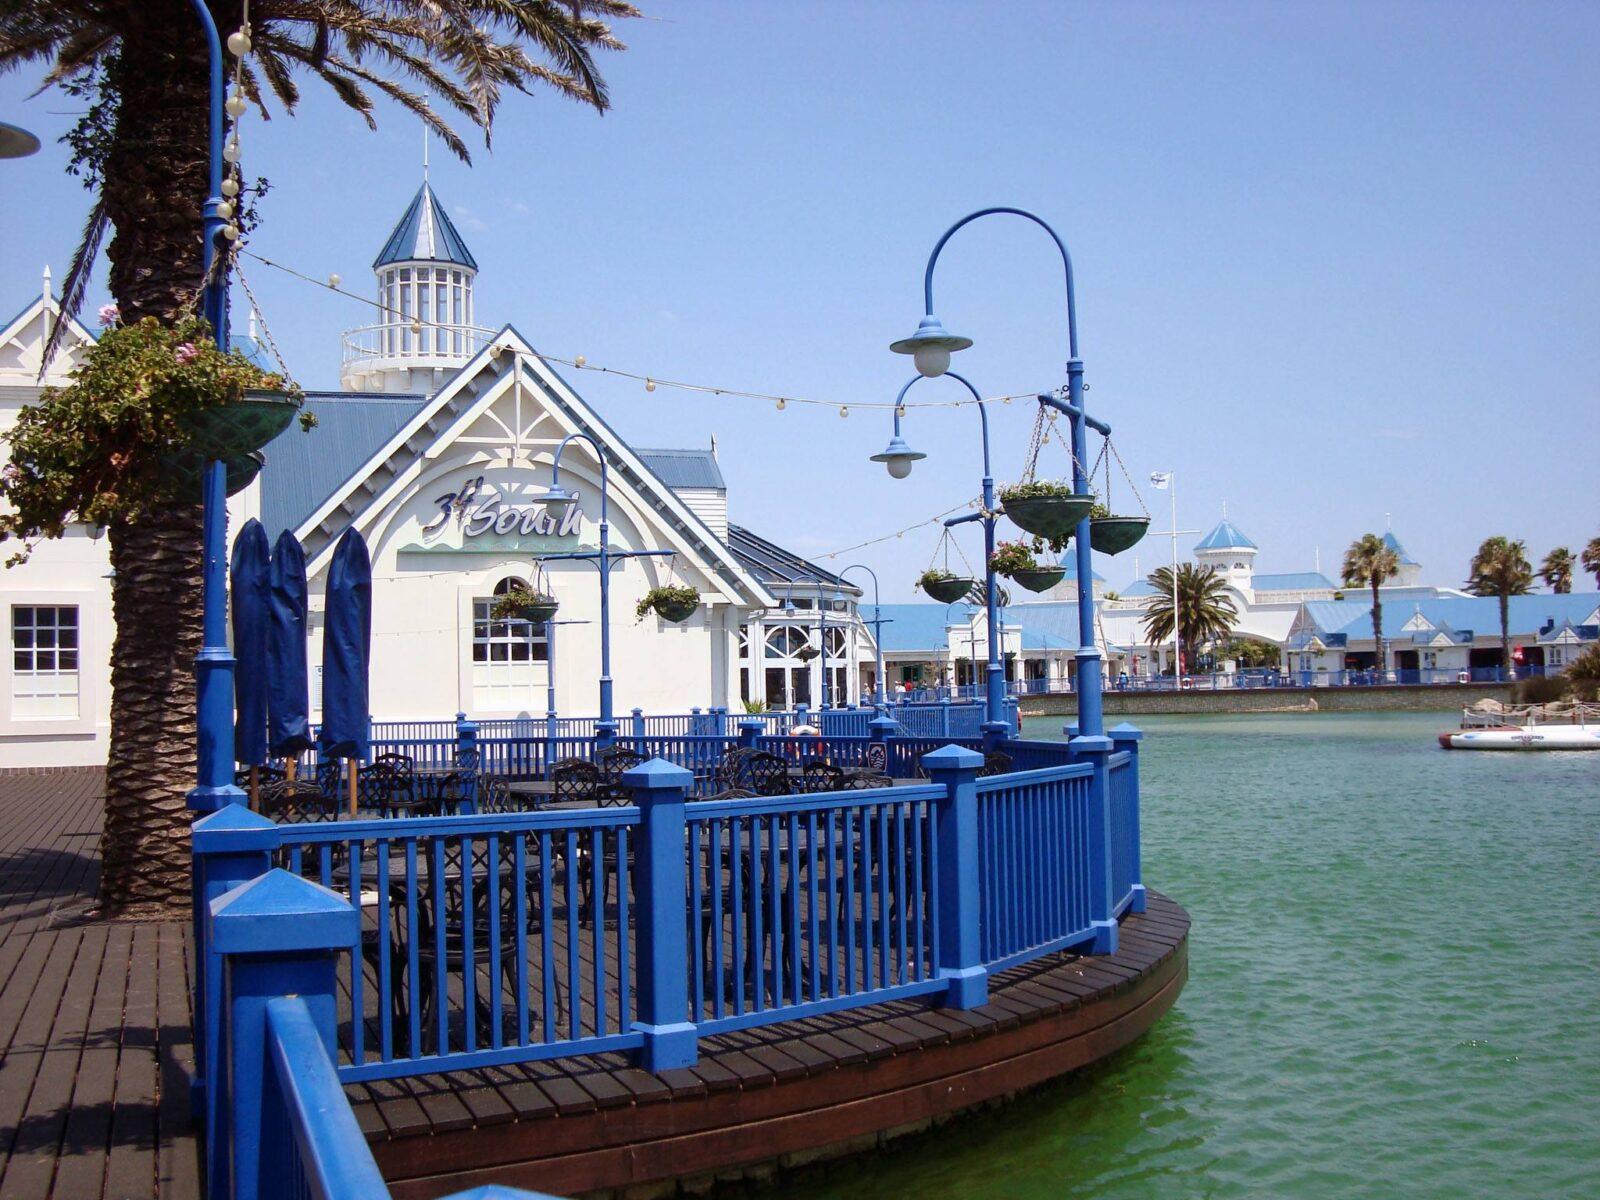 Boardwalk Unterhaltungskomplex mit künstlichem See